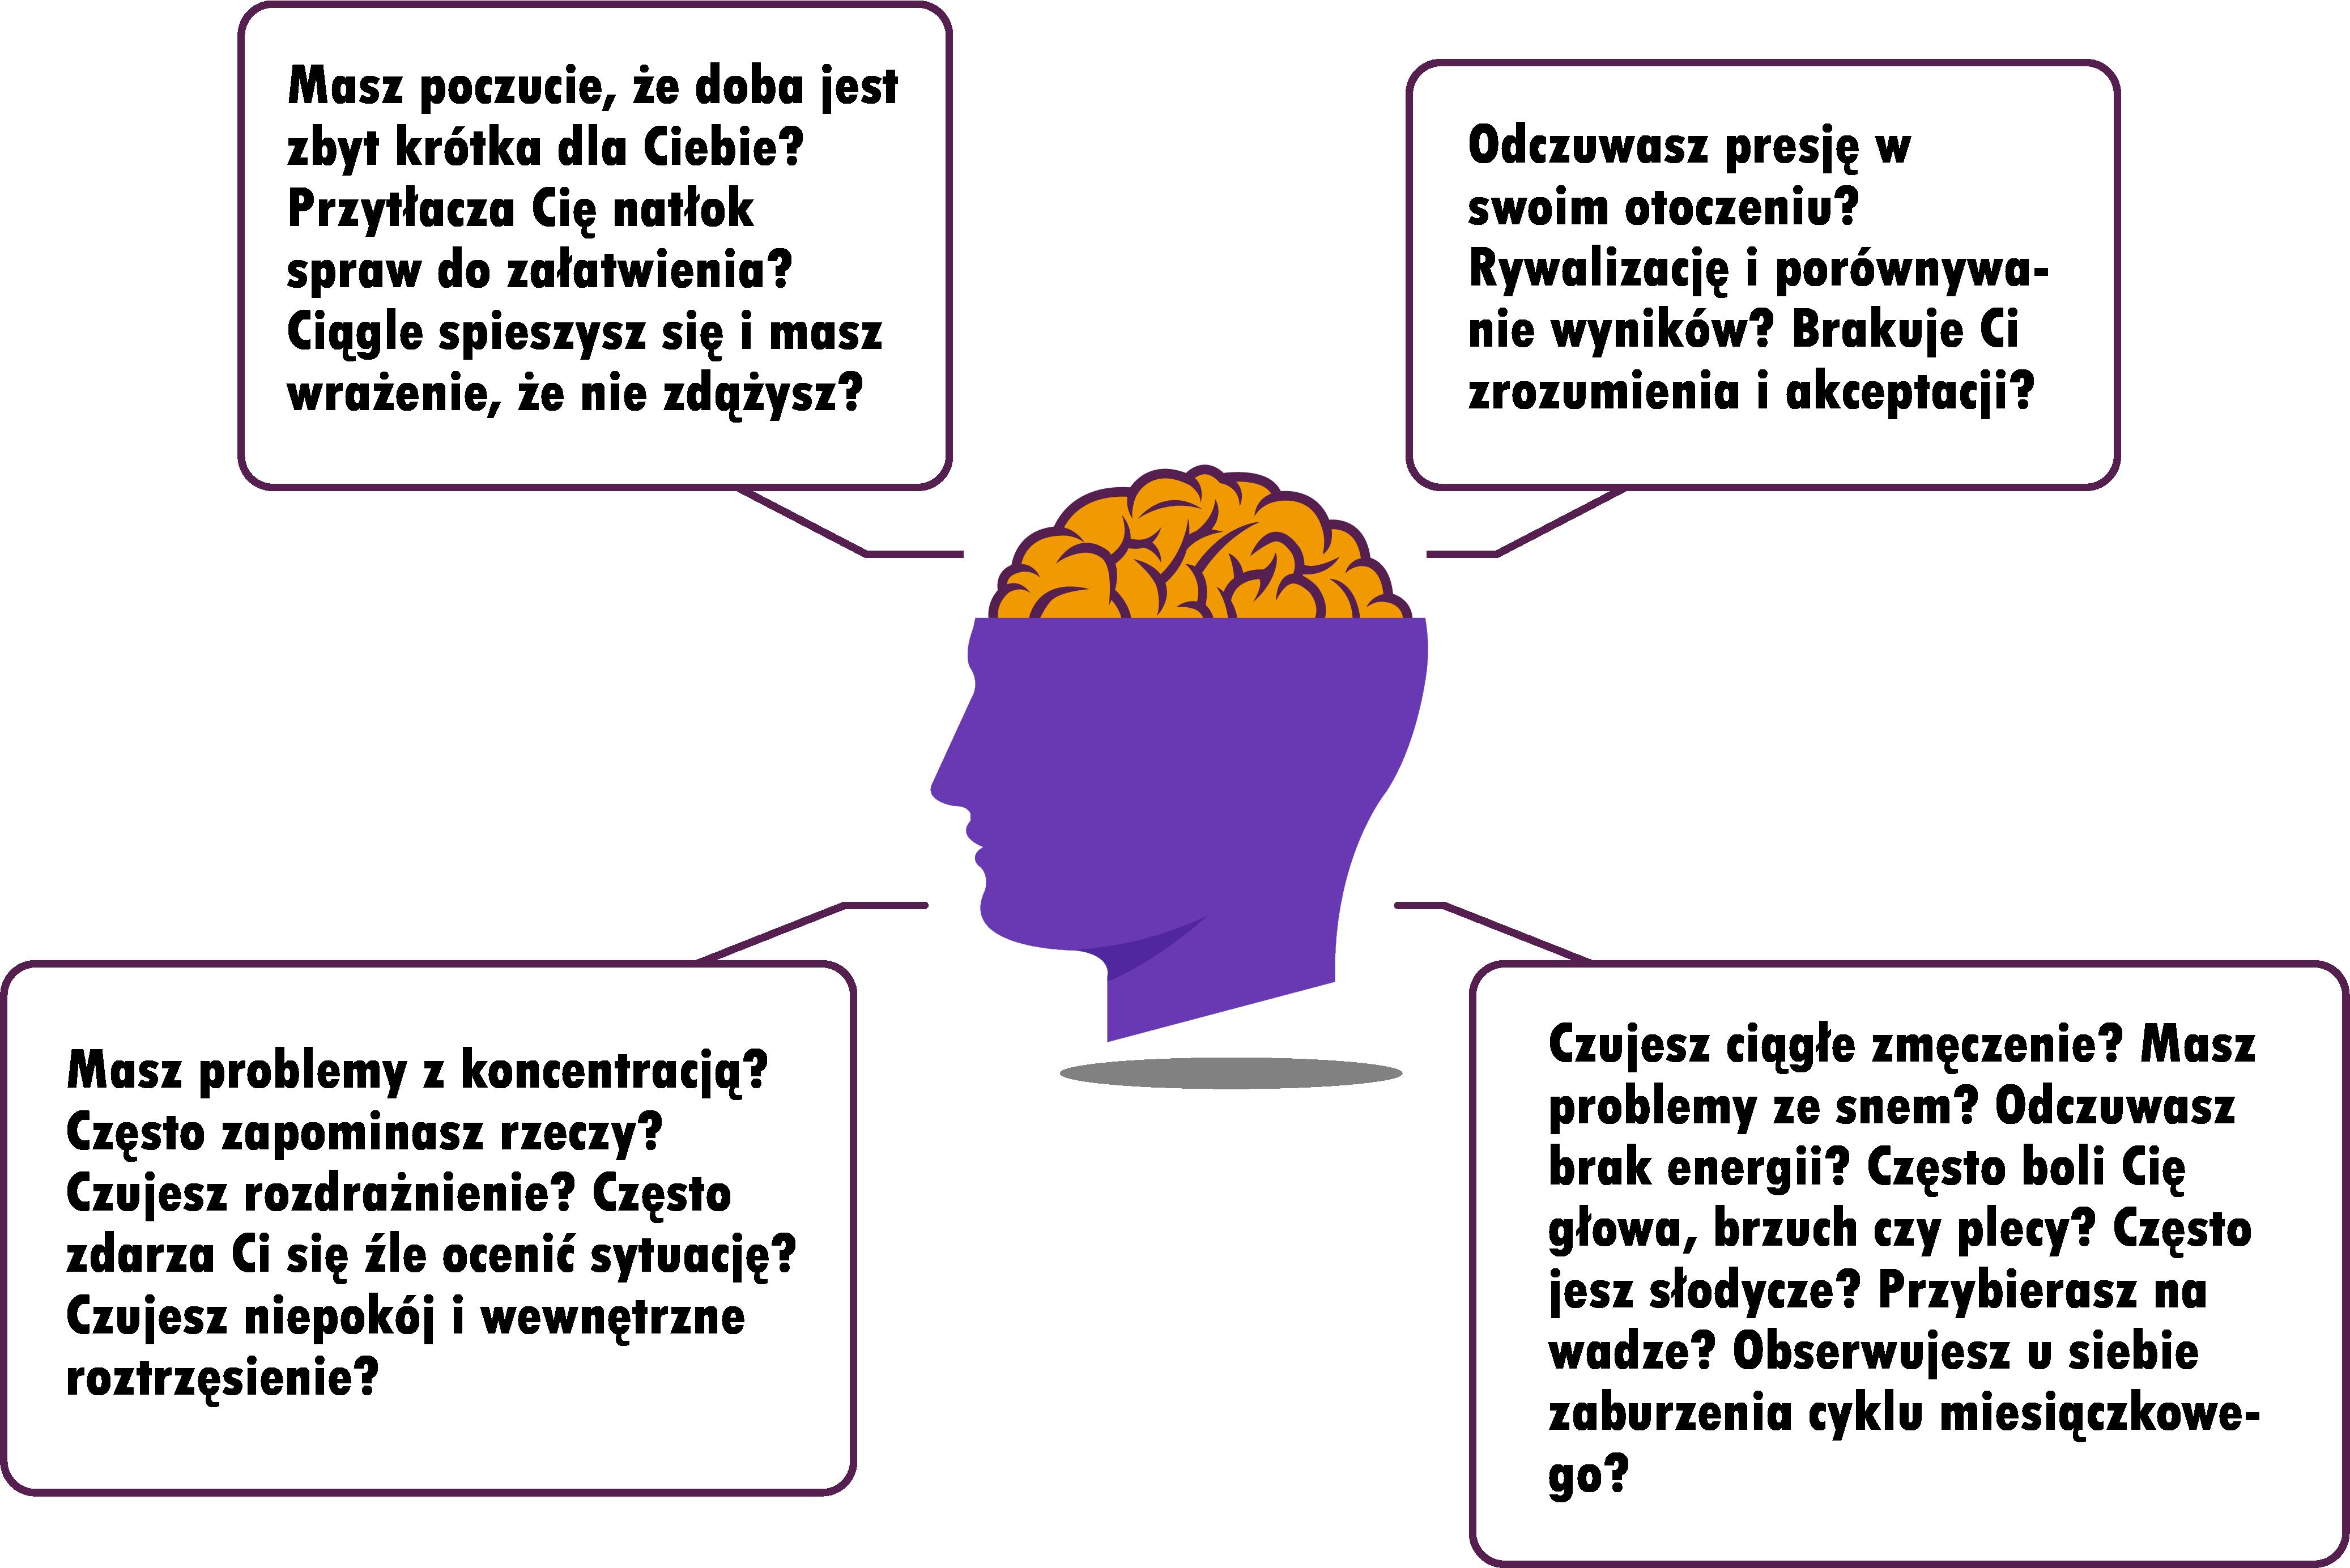 wykres z twarzą i mózgiem człowieka